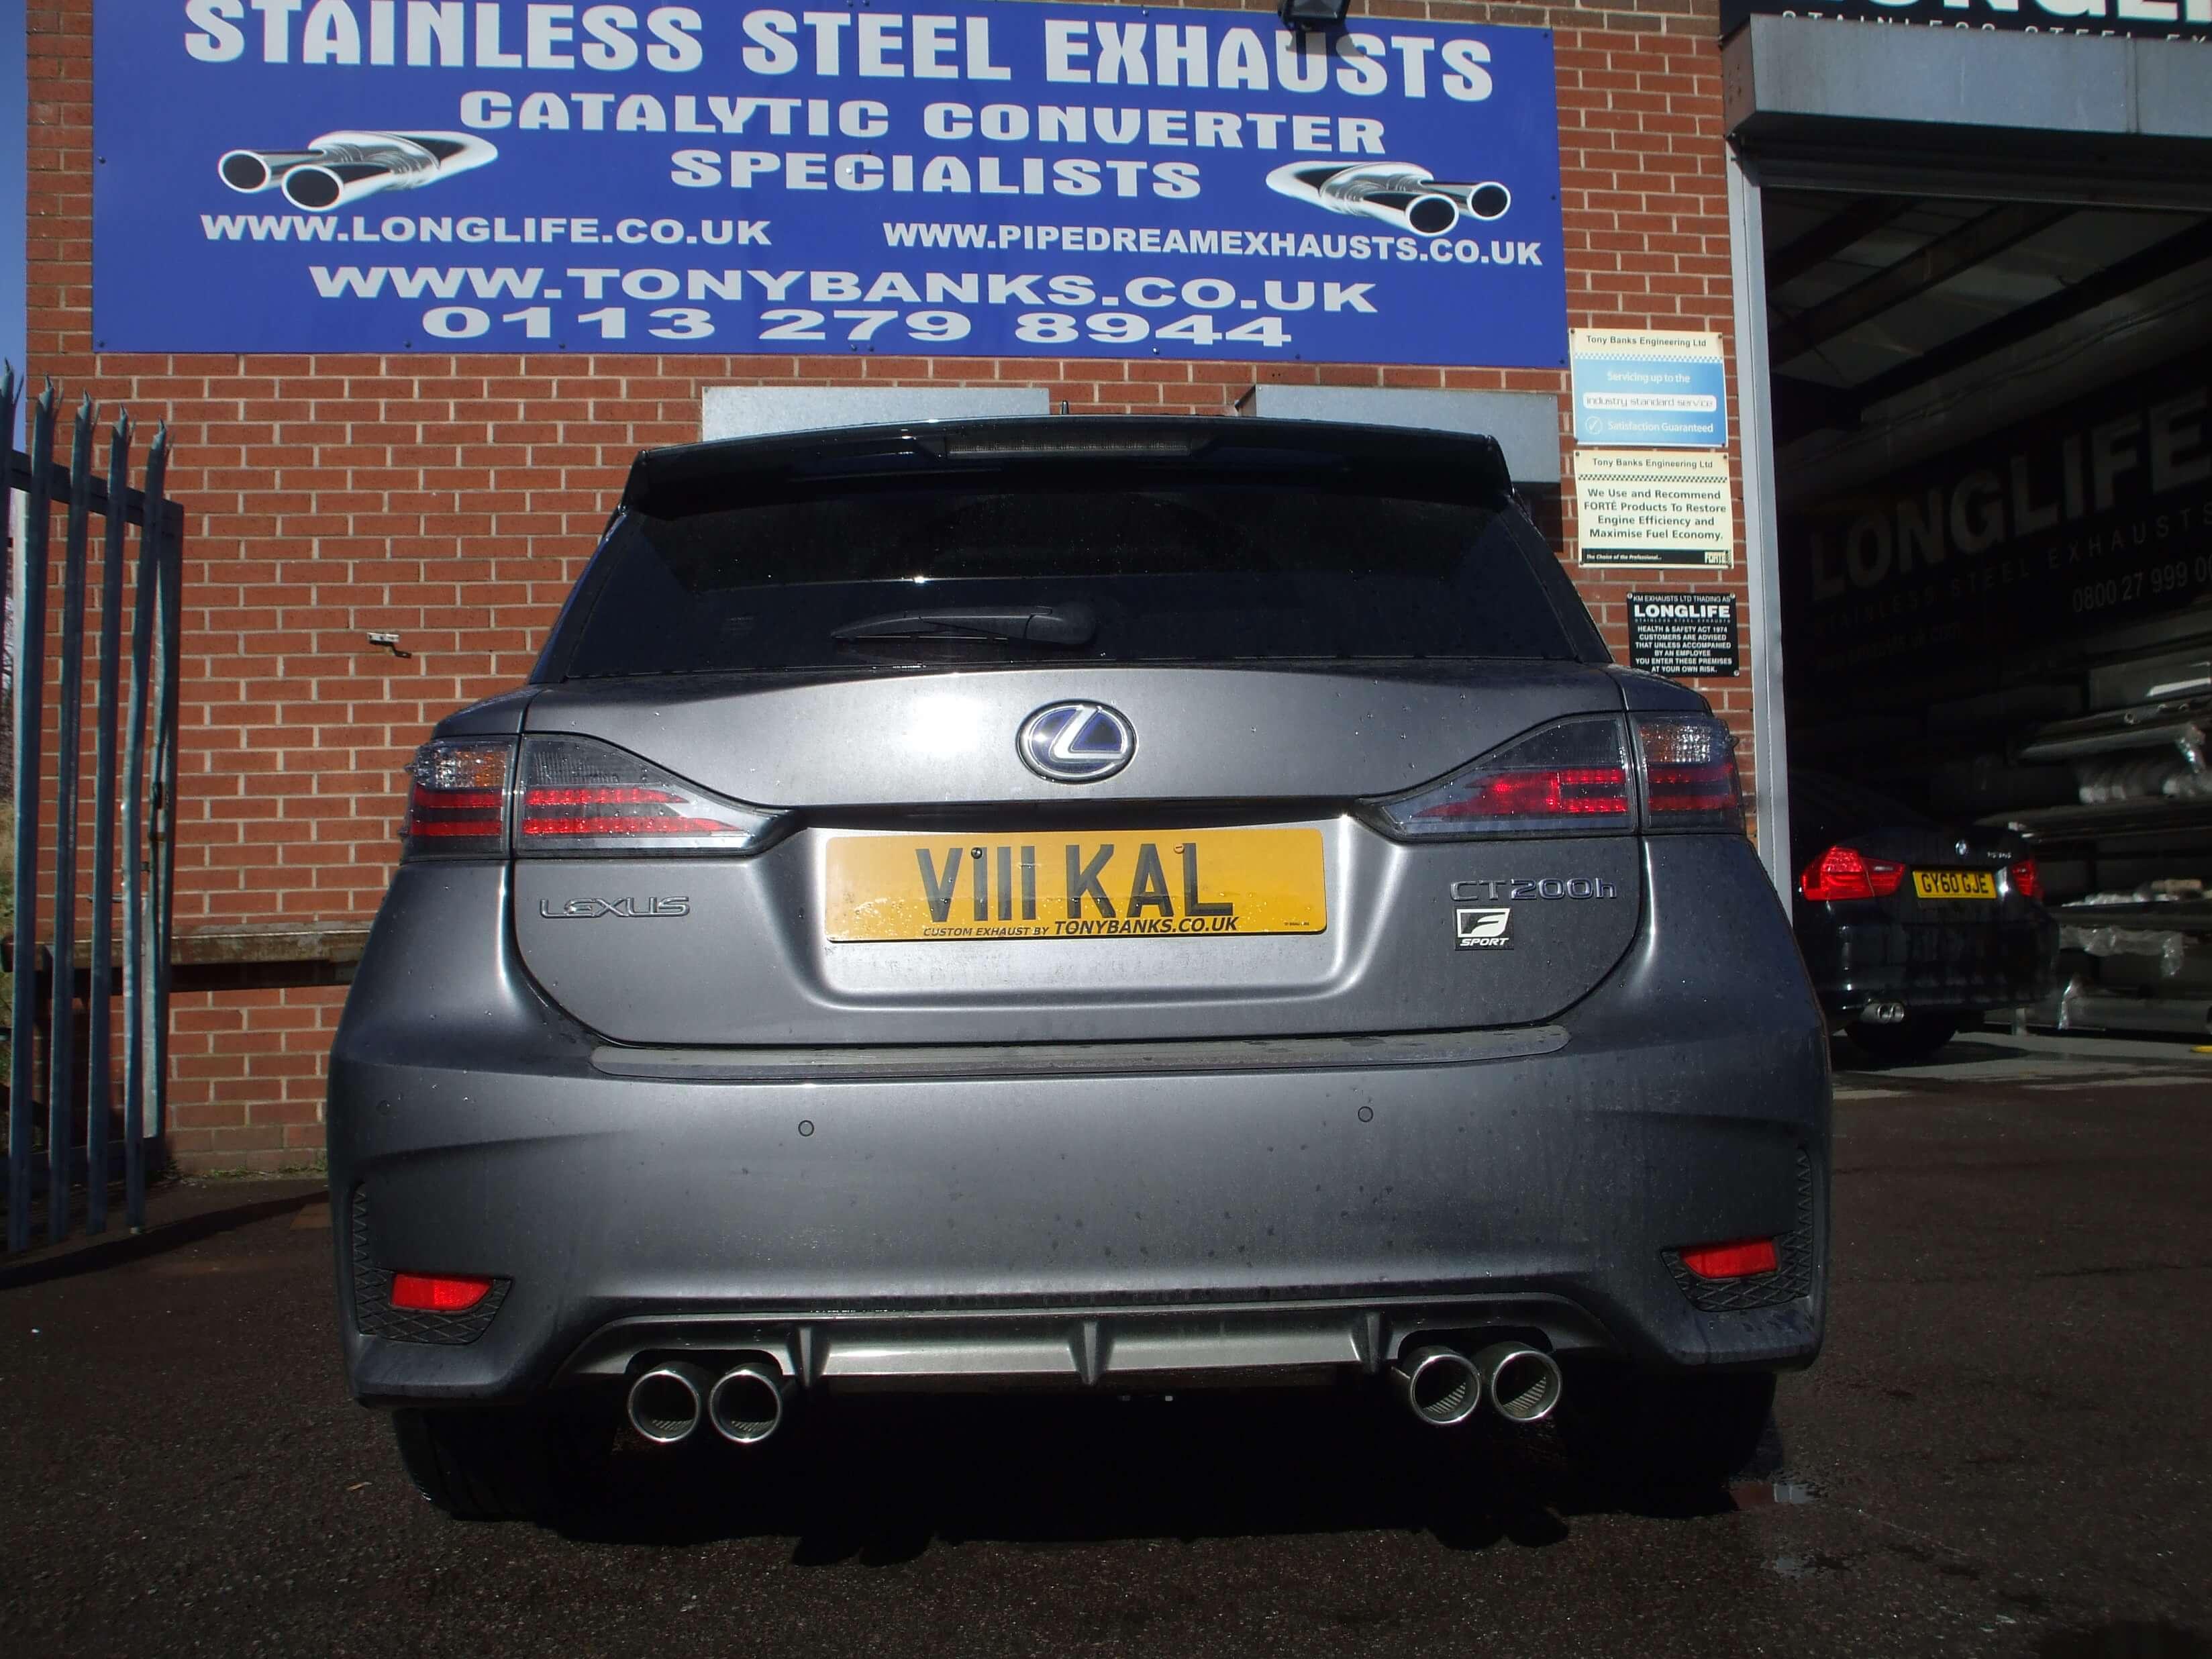 Gallery - Tony Banks Exhausts Leeds